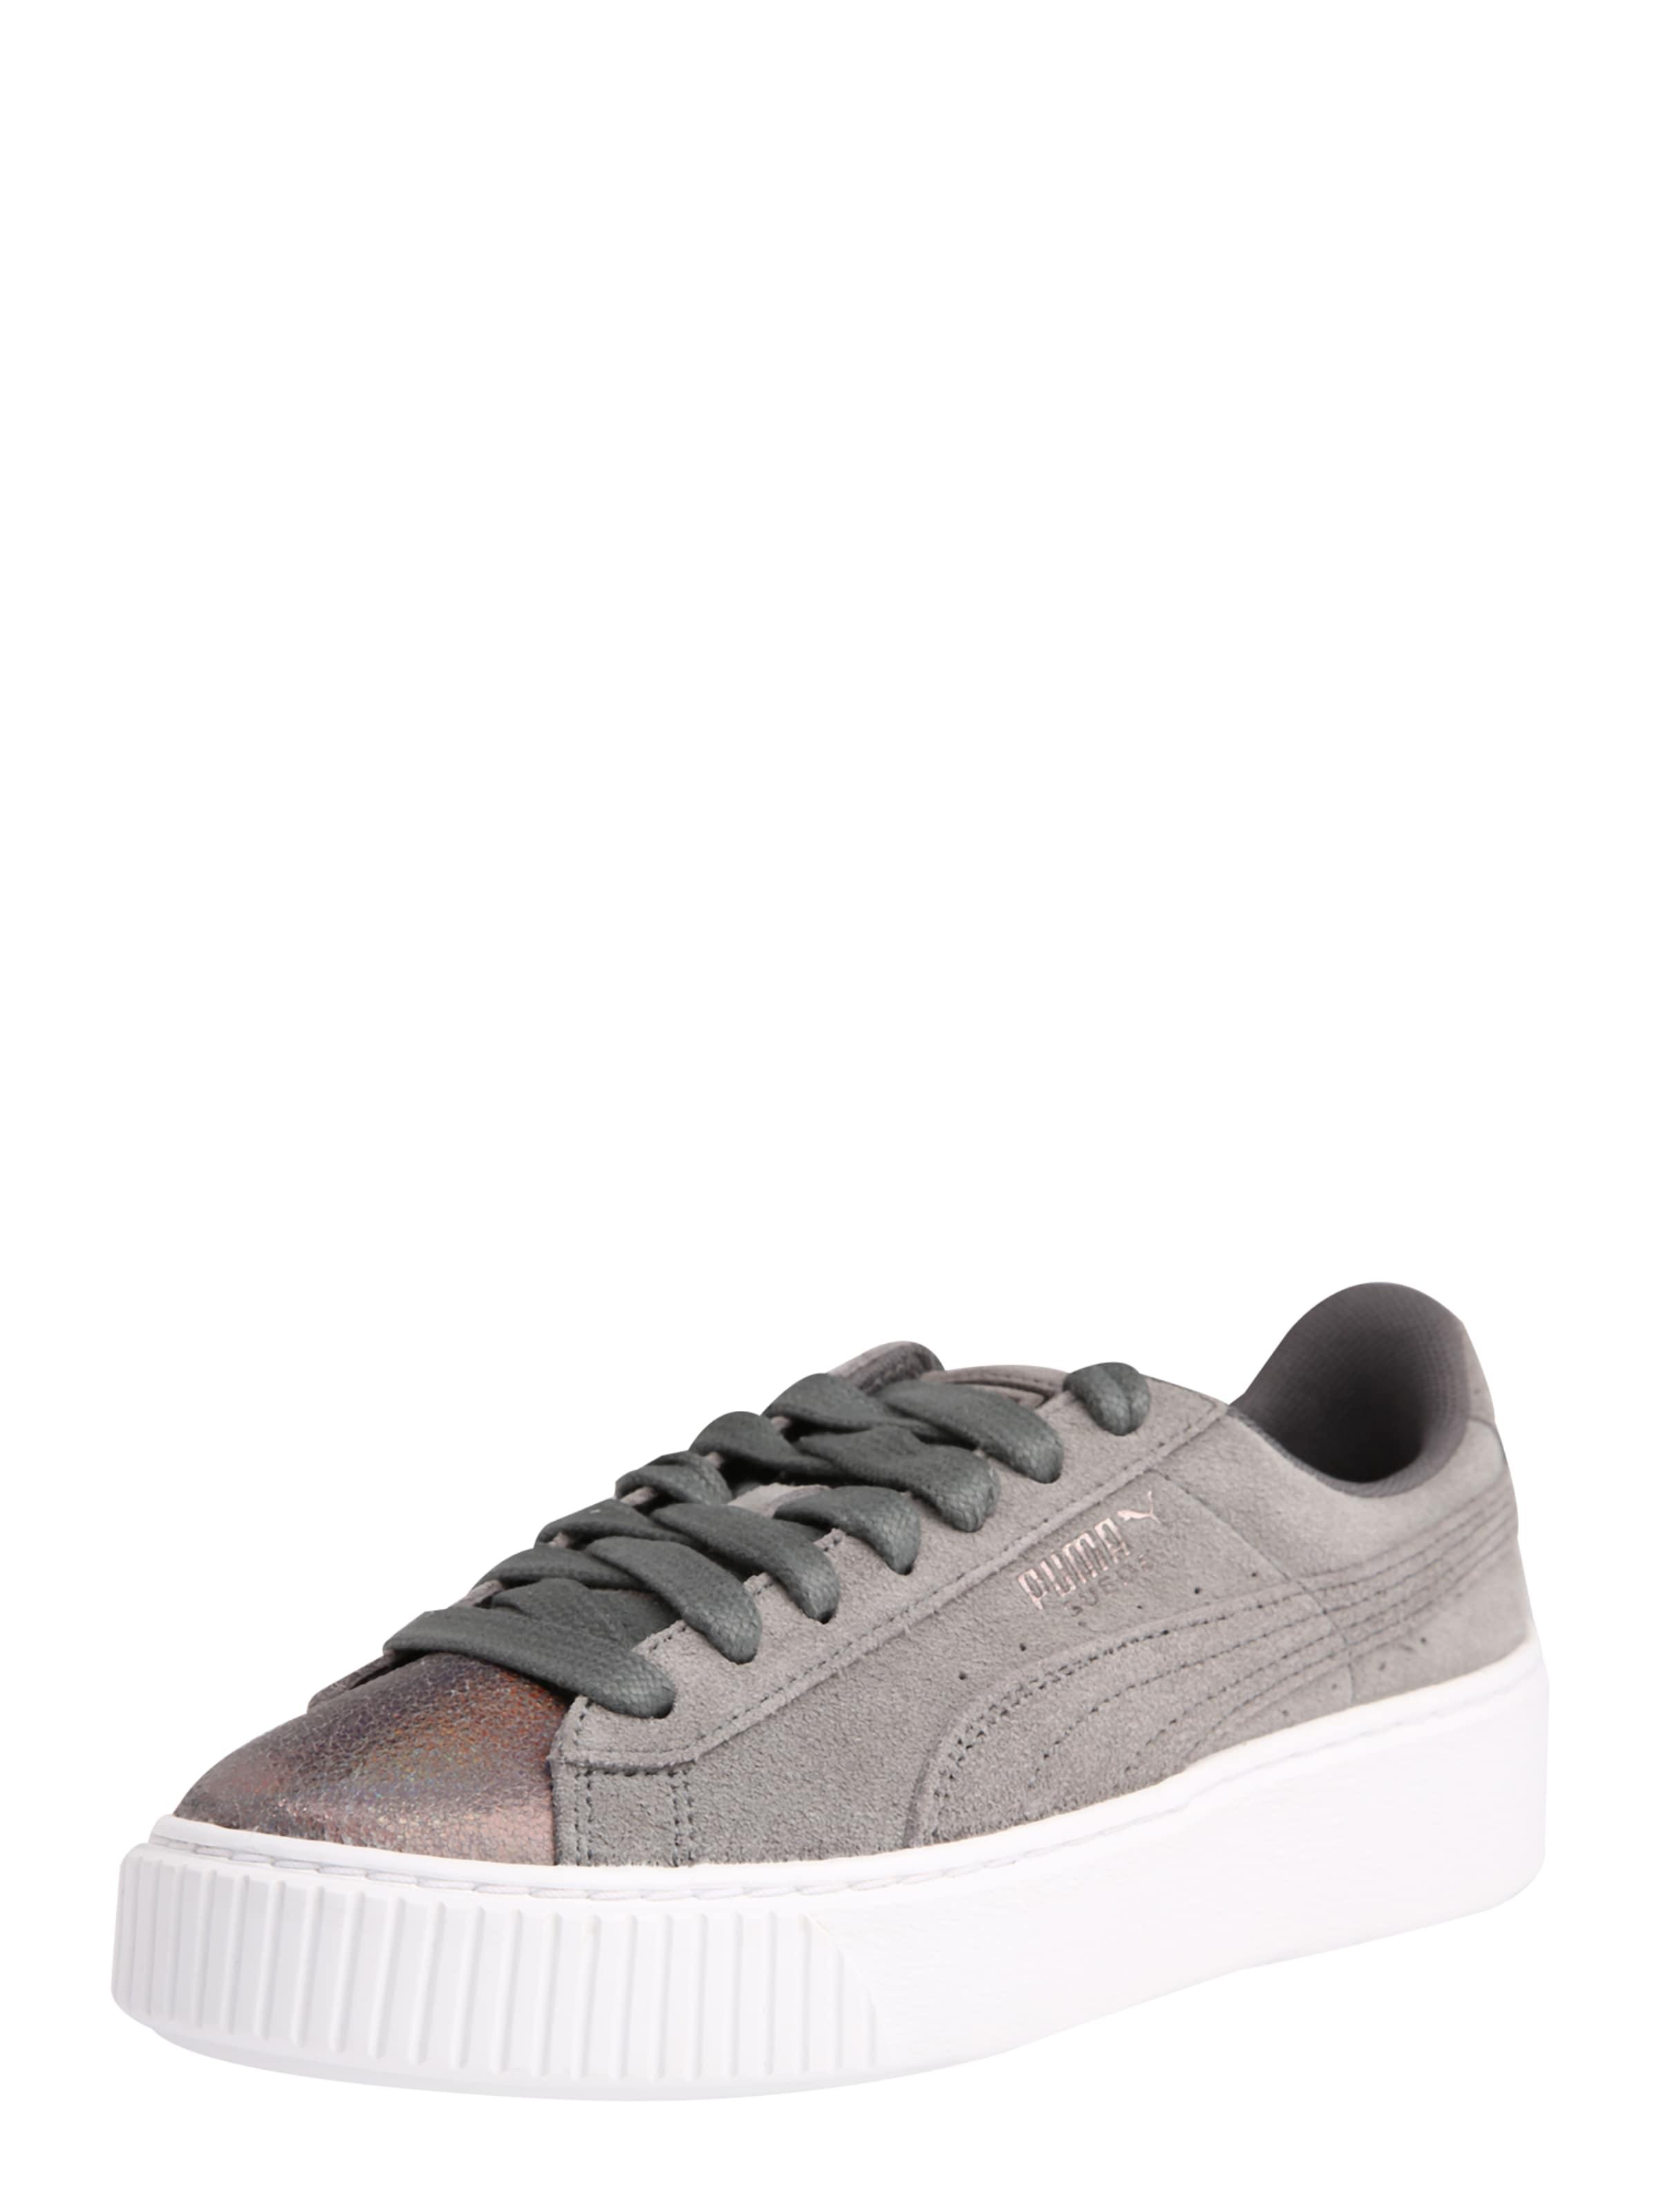 Chaussures De Sport Puma Couche Lunalux Gris » T2Wm5er